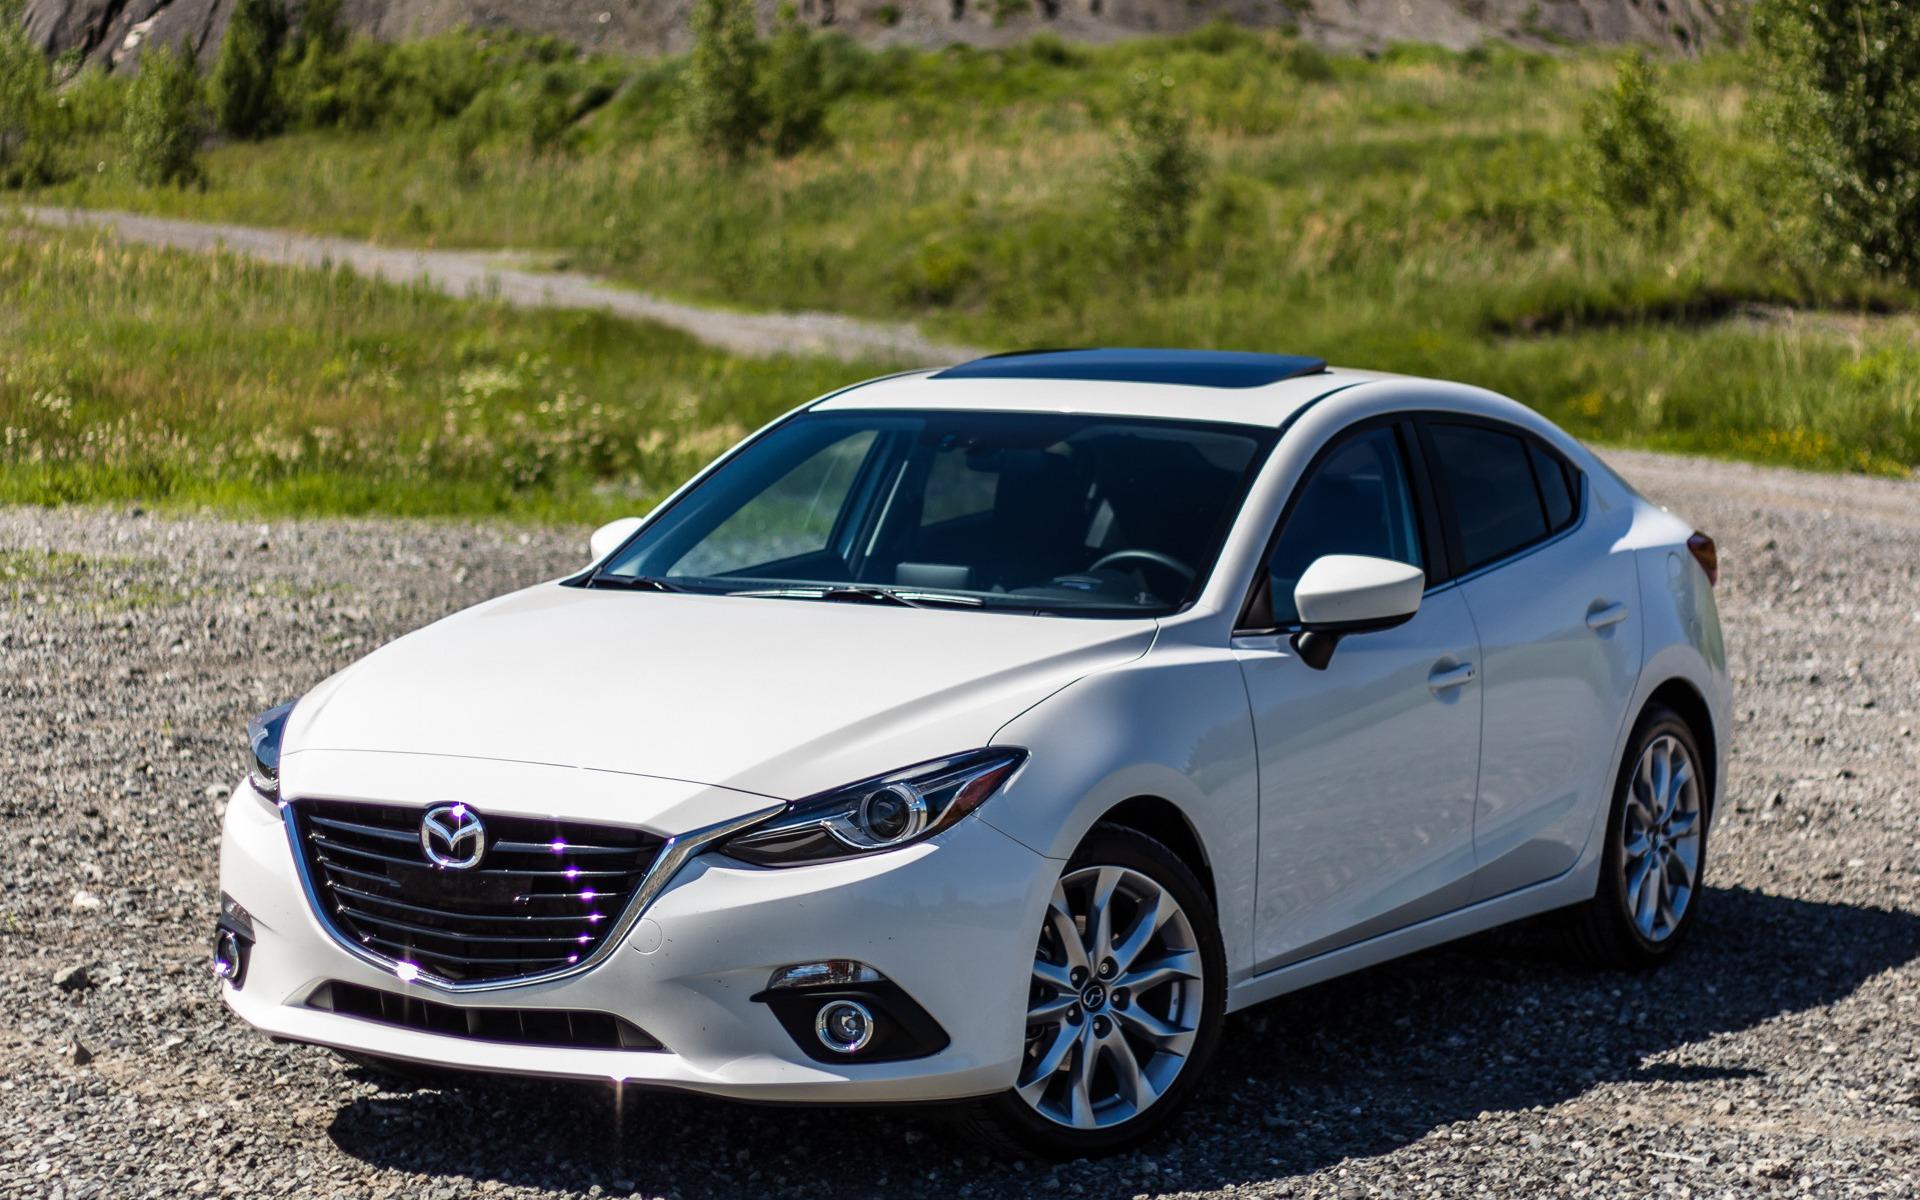 Ô tô bán chạy nhất của Toyota và Mazda có gì hấp dẫn